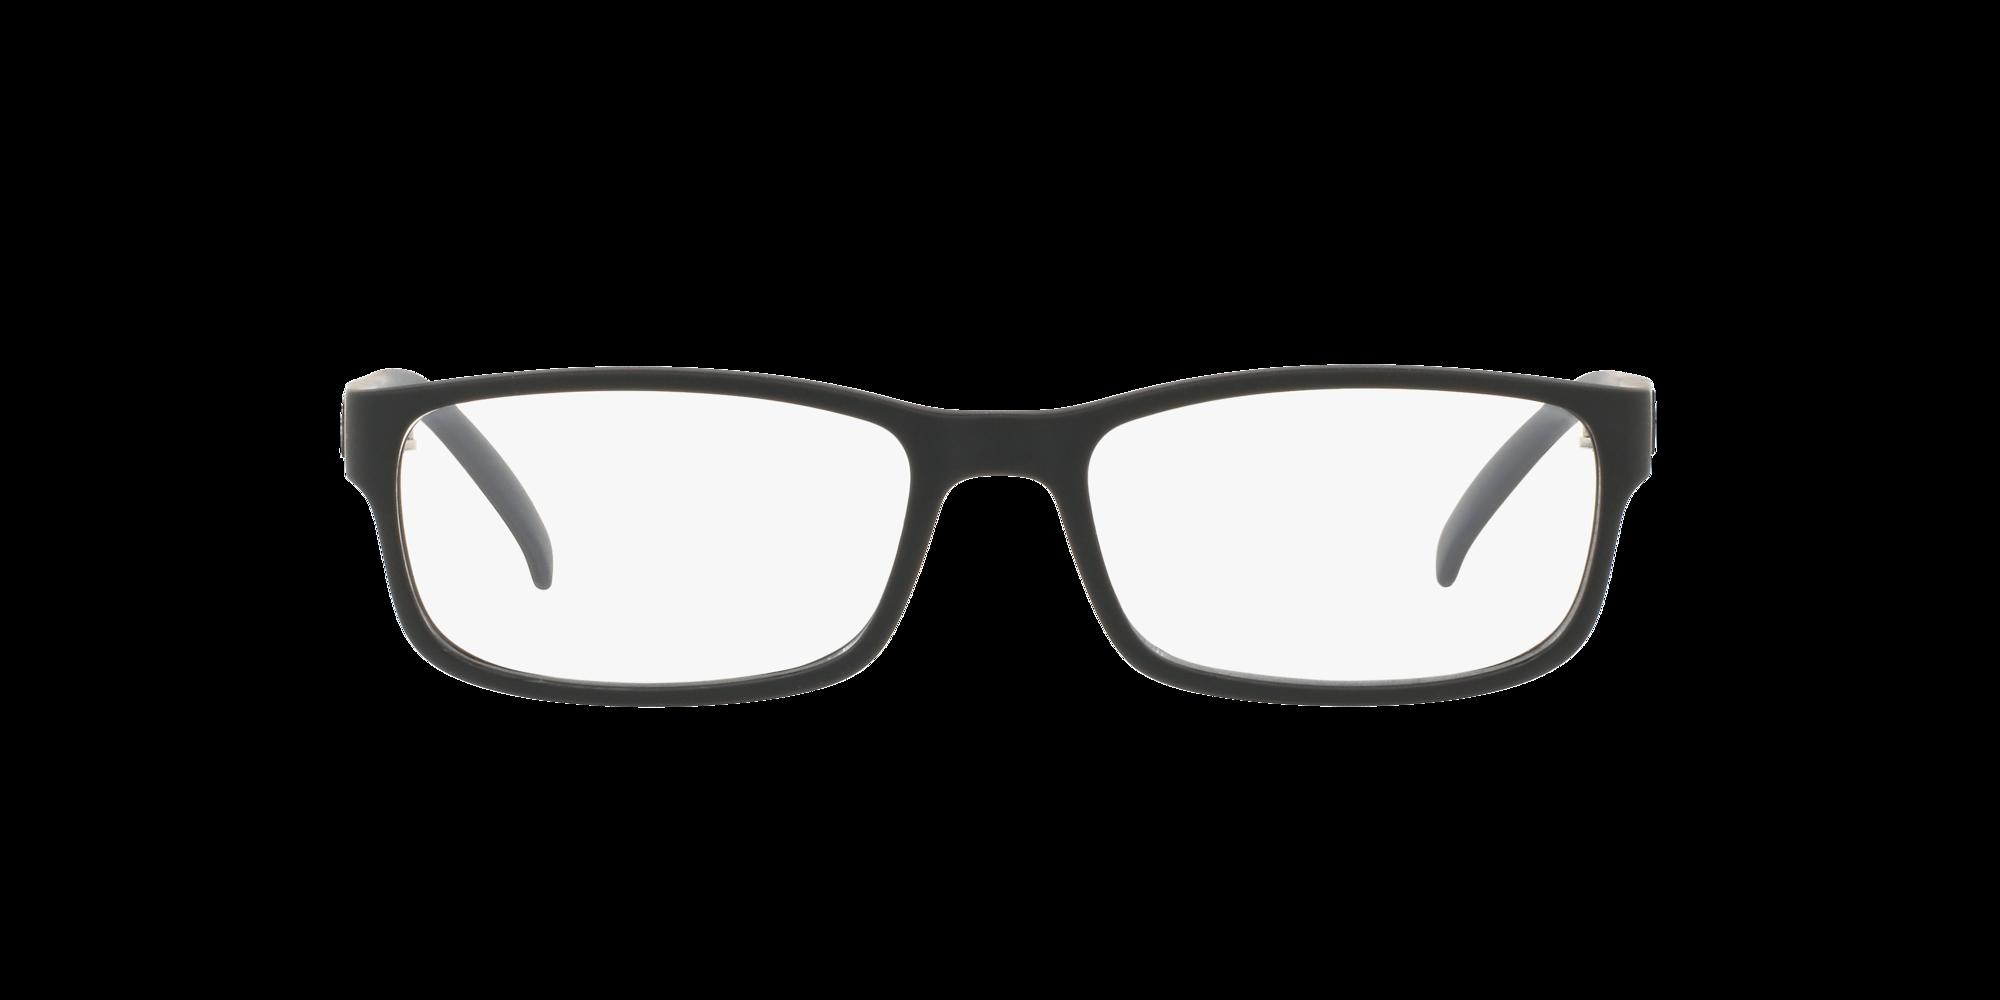 Imagen para PH2154 de LensCrafters |  Espejuelos, espejuelos graduados en línea, gafas